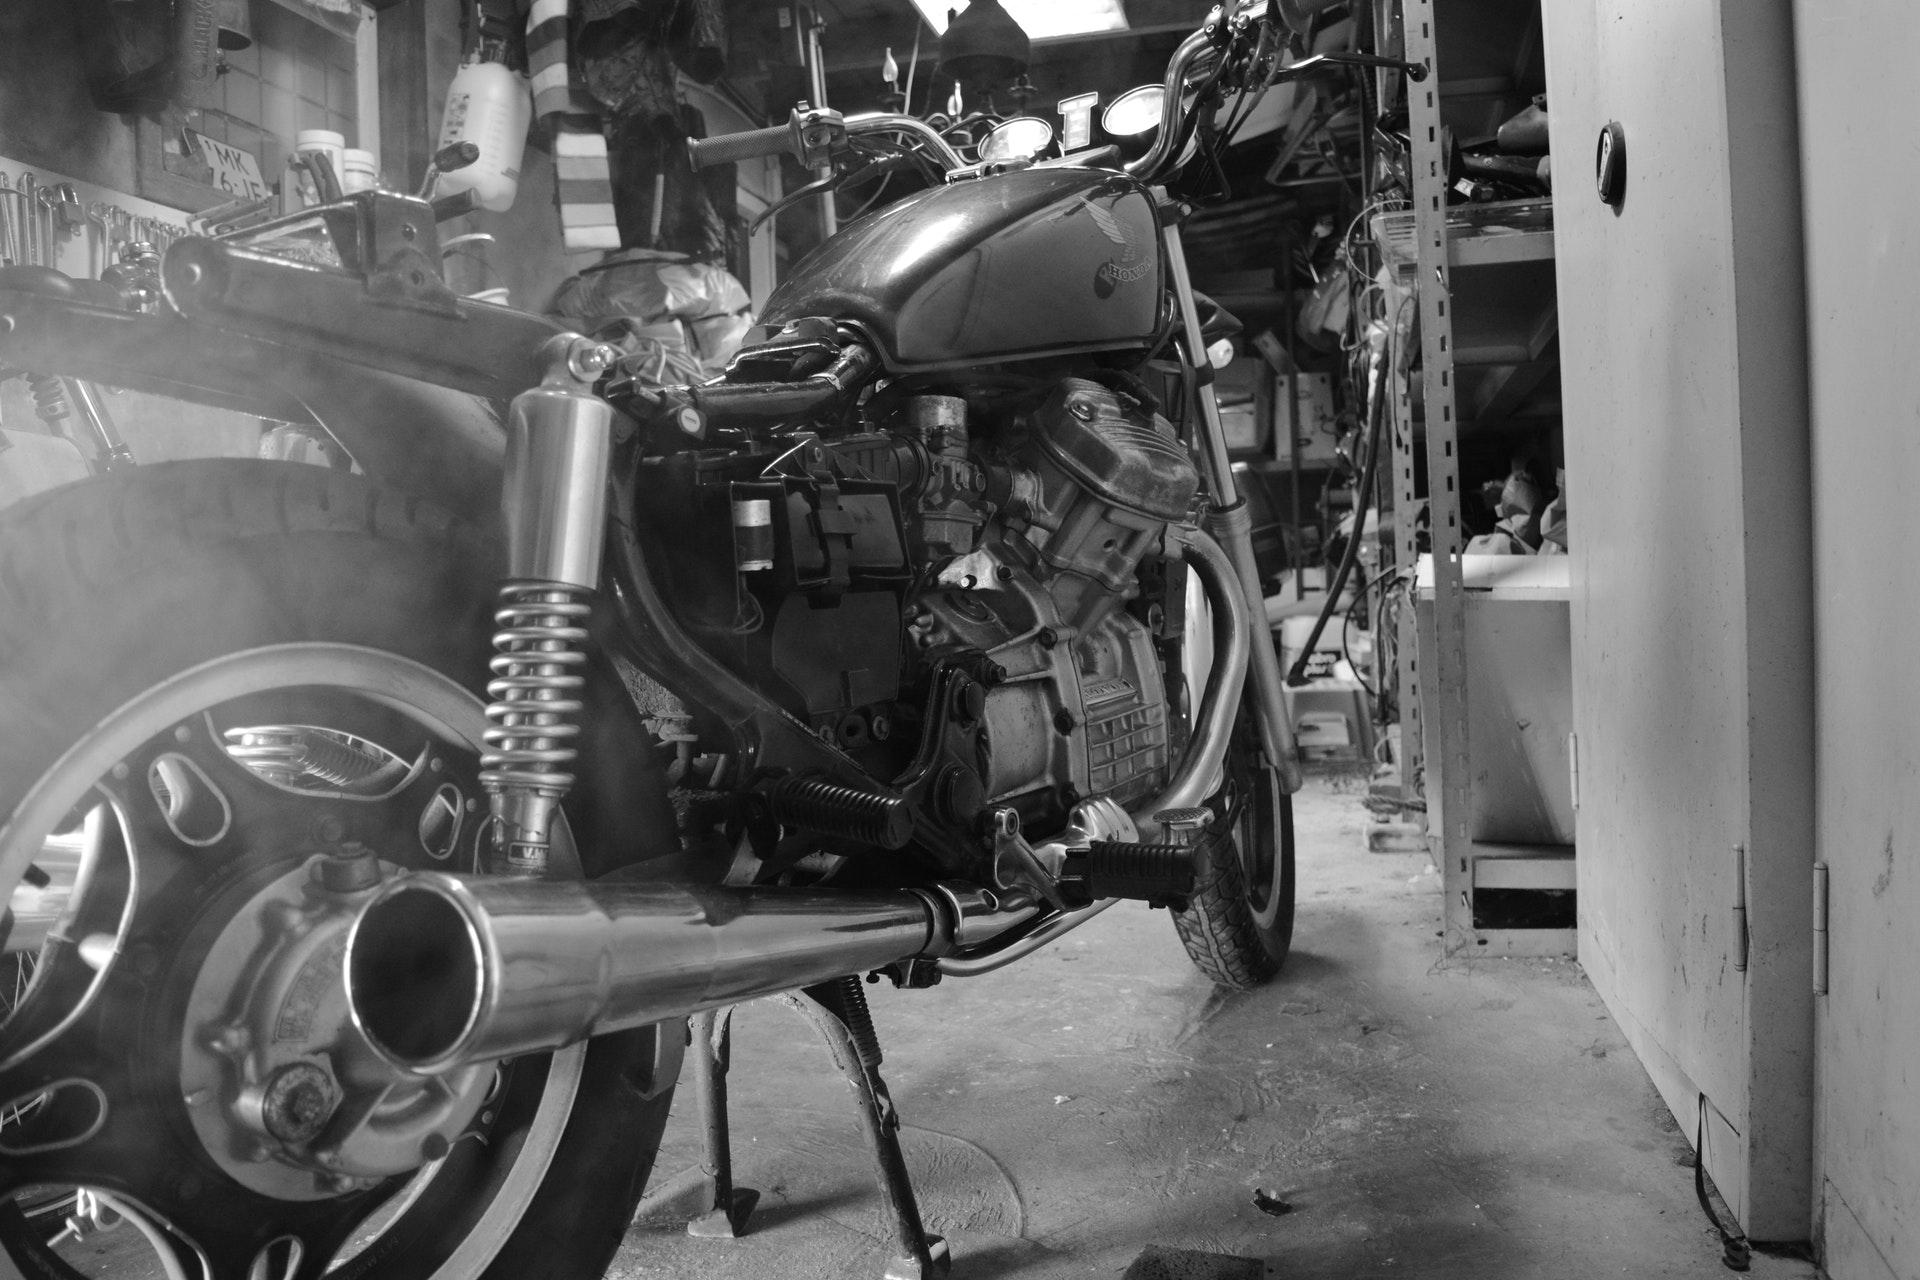 części motocyklowe kawasaki